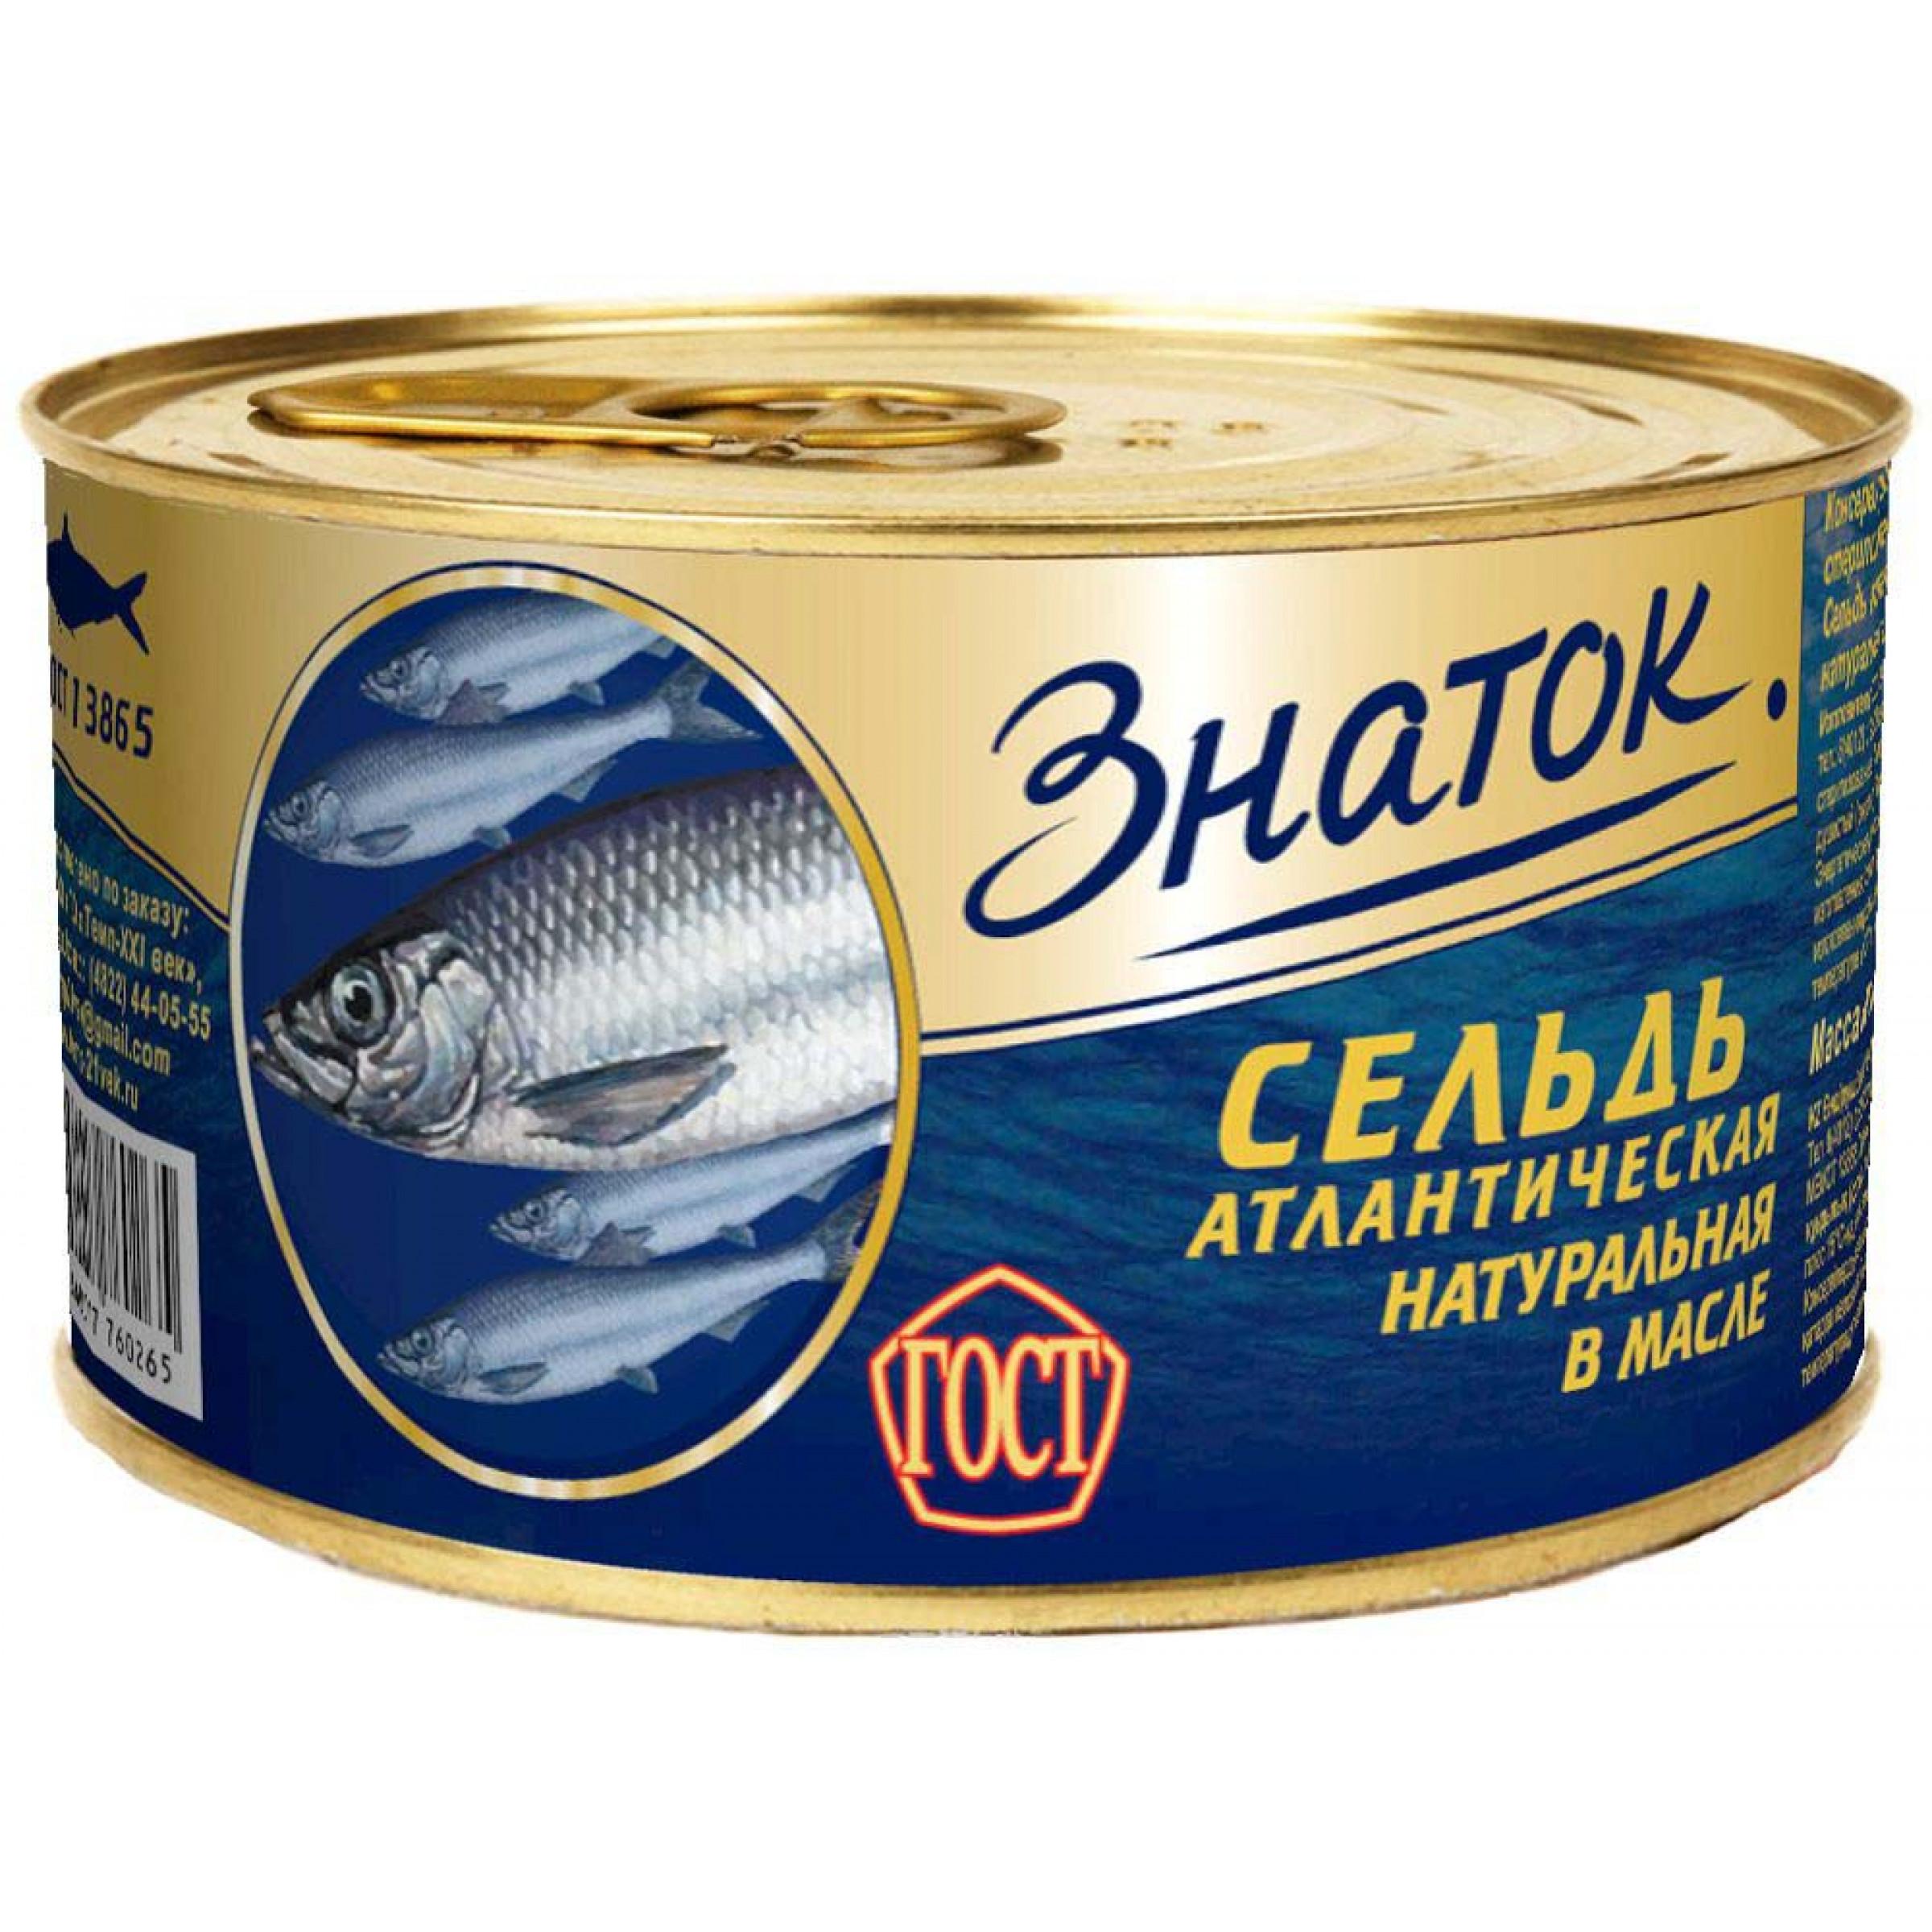 Сельдь натуральная с добавлением масла Знаток, 240гр